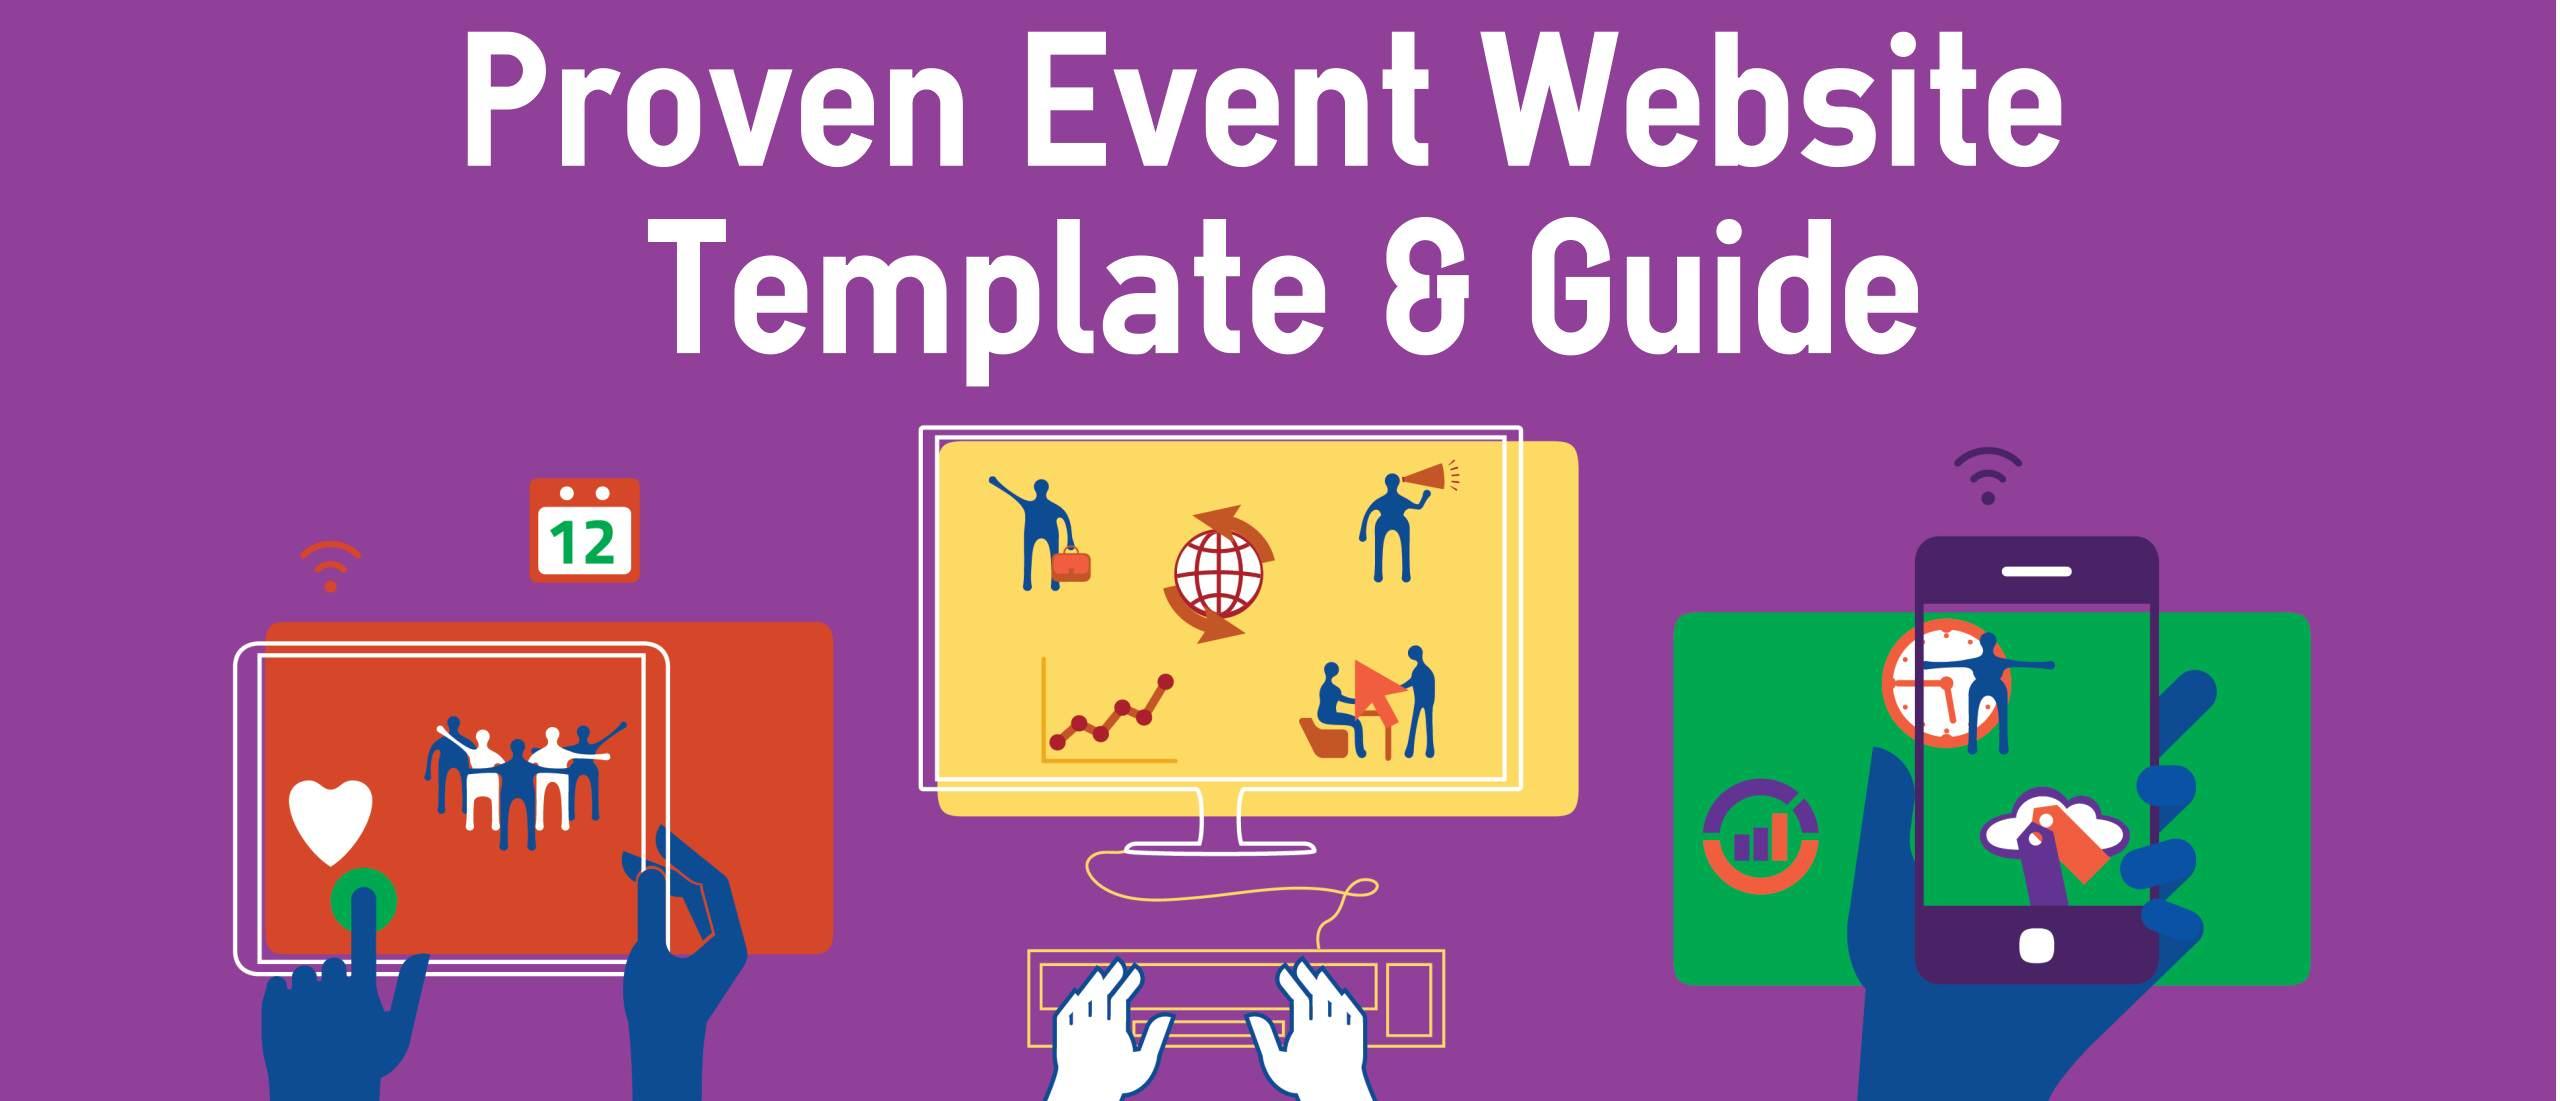 proven event website template guide ungerboeck software. Black Bedroom Furniture Sets. Home Design Ideas